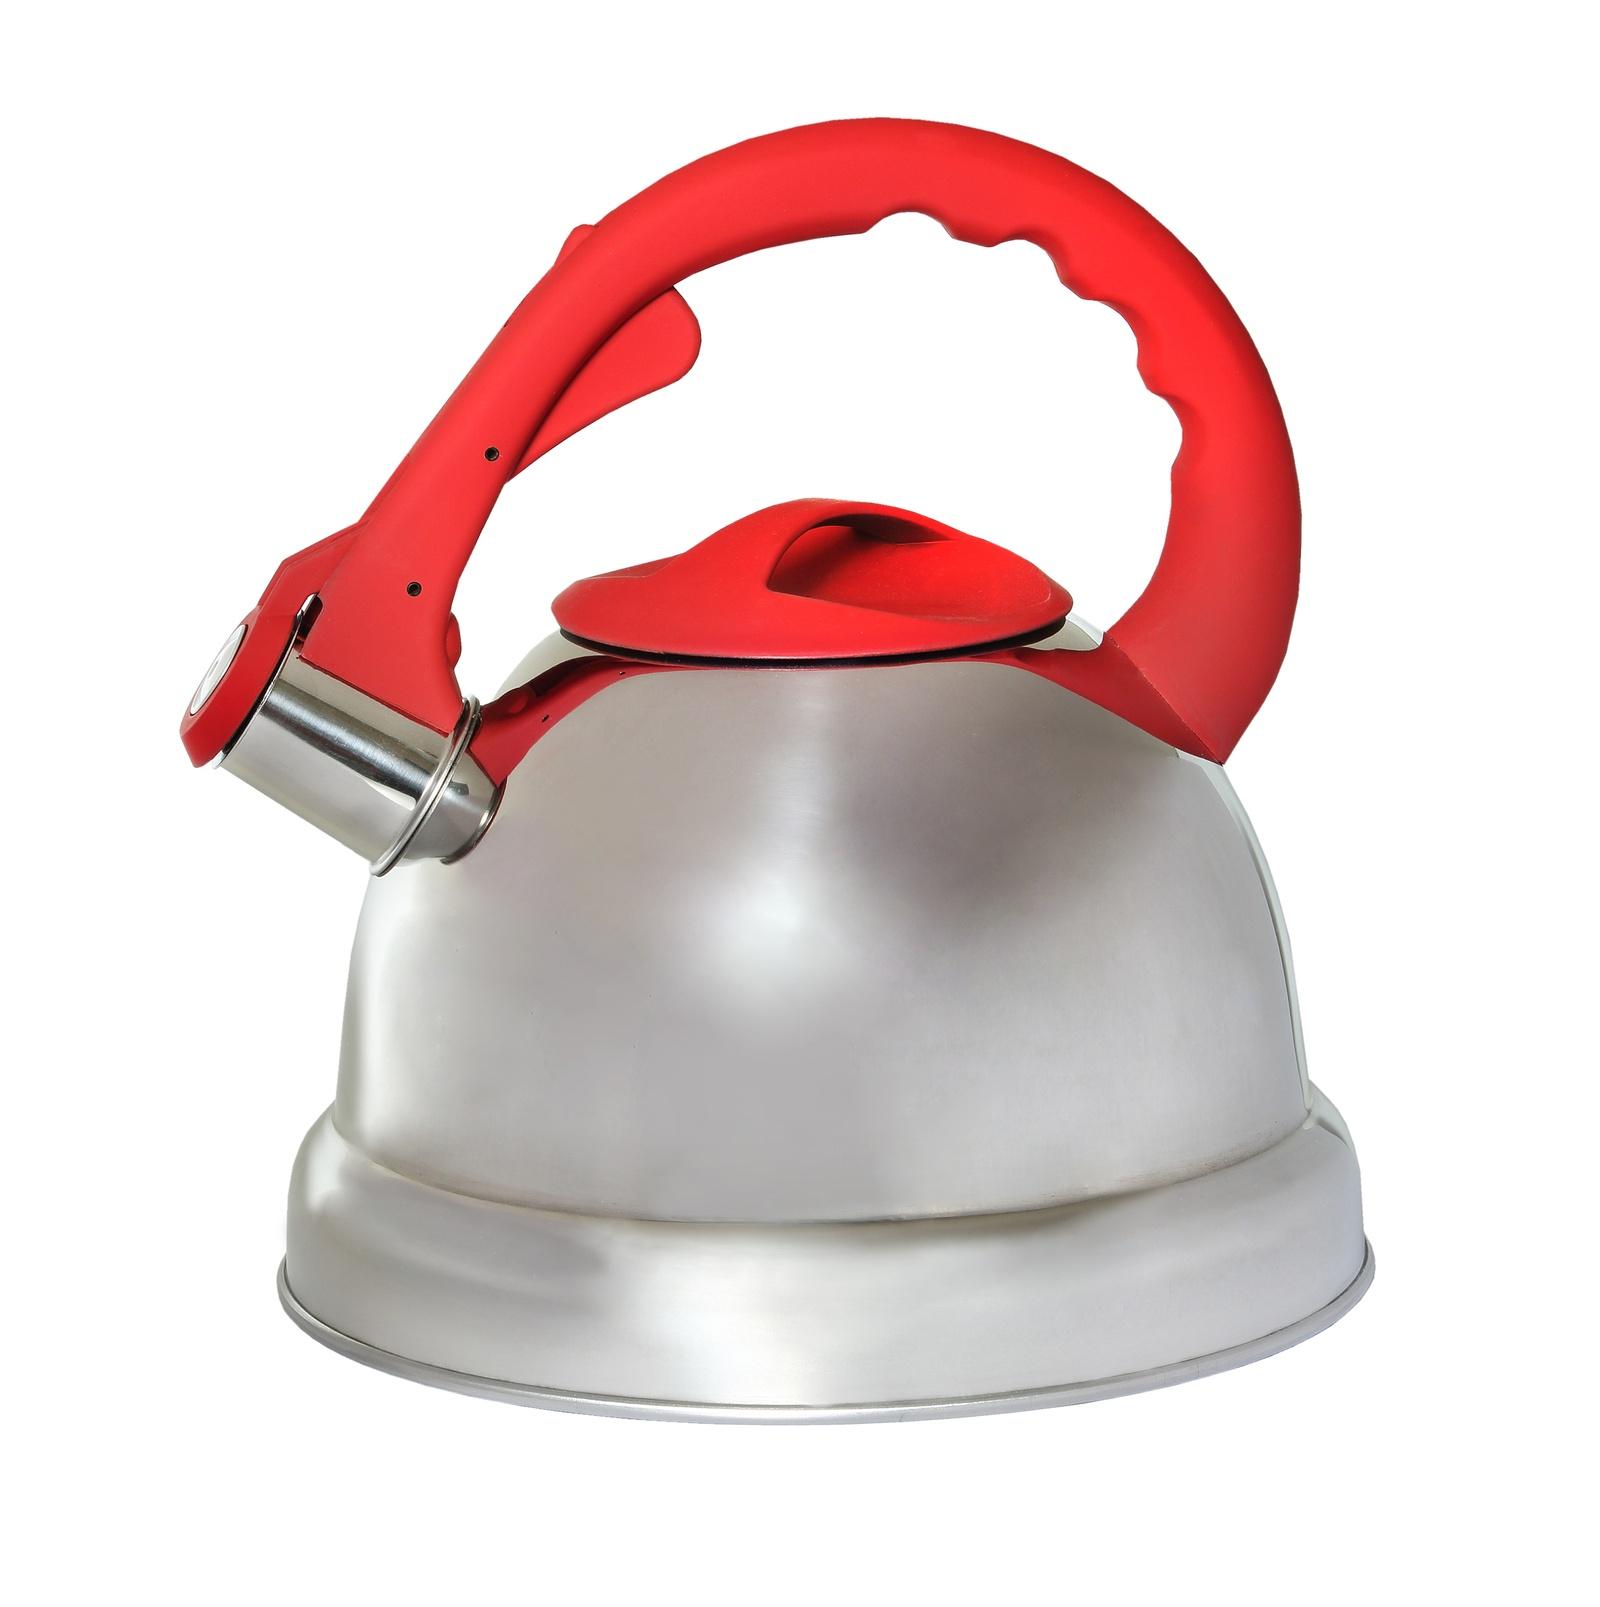 Чайник КС со свистком, 333-RY-4, серебристый, красный, 3.2 л цена